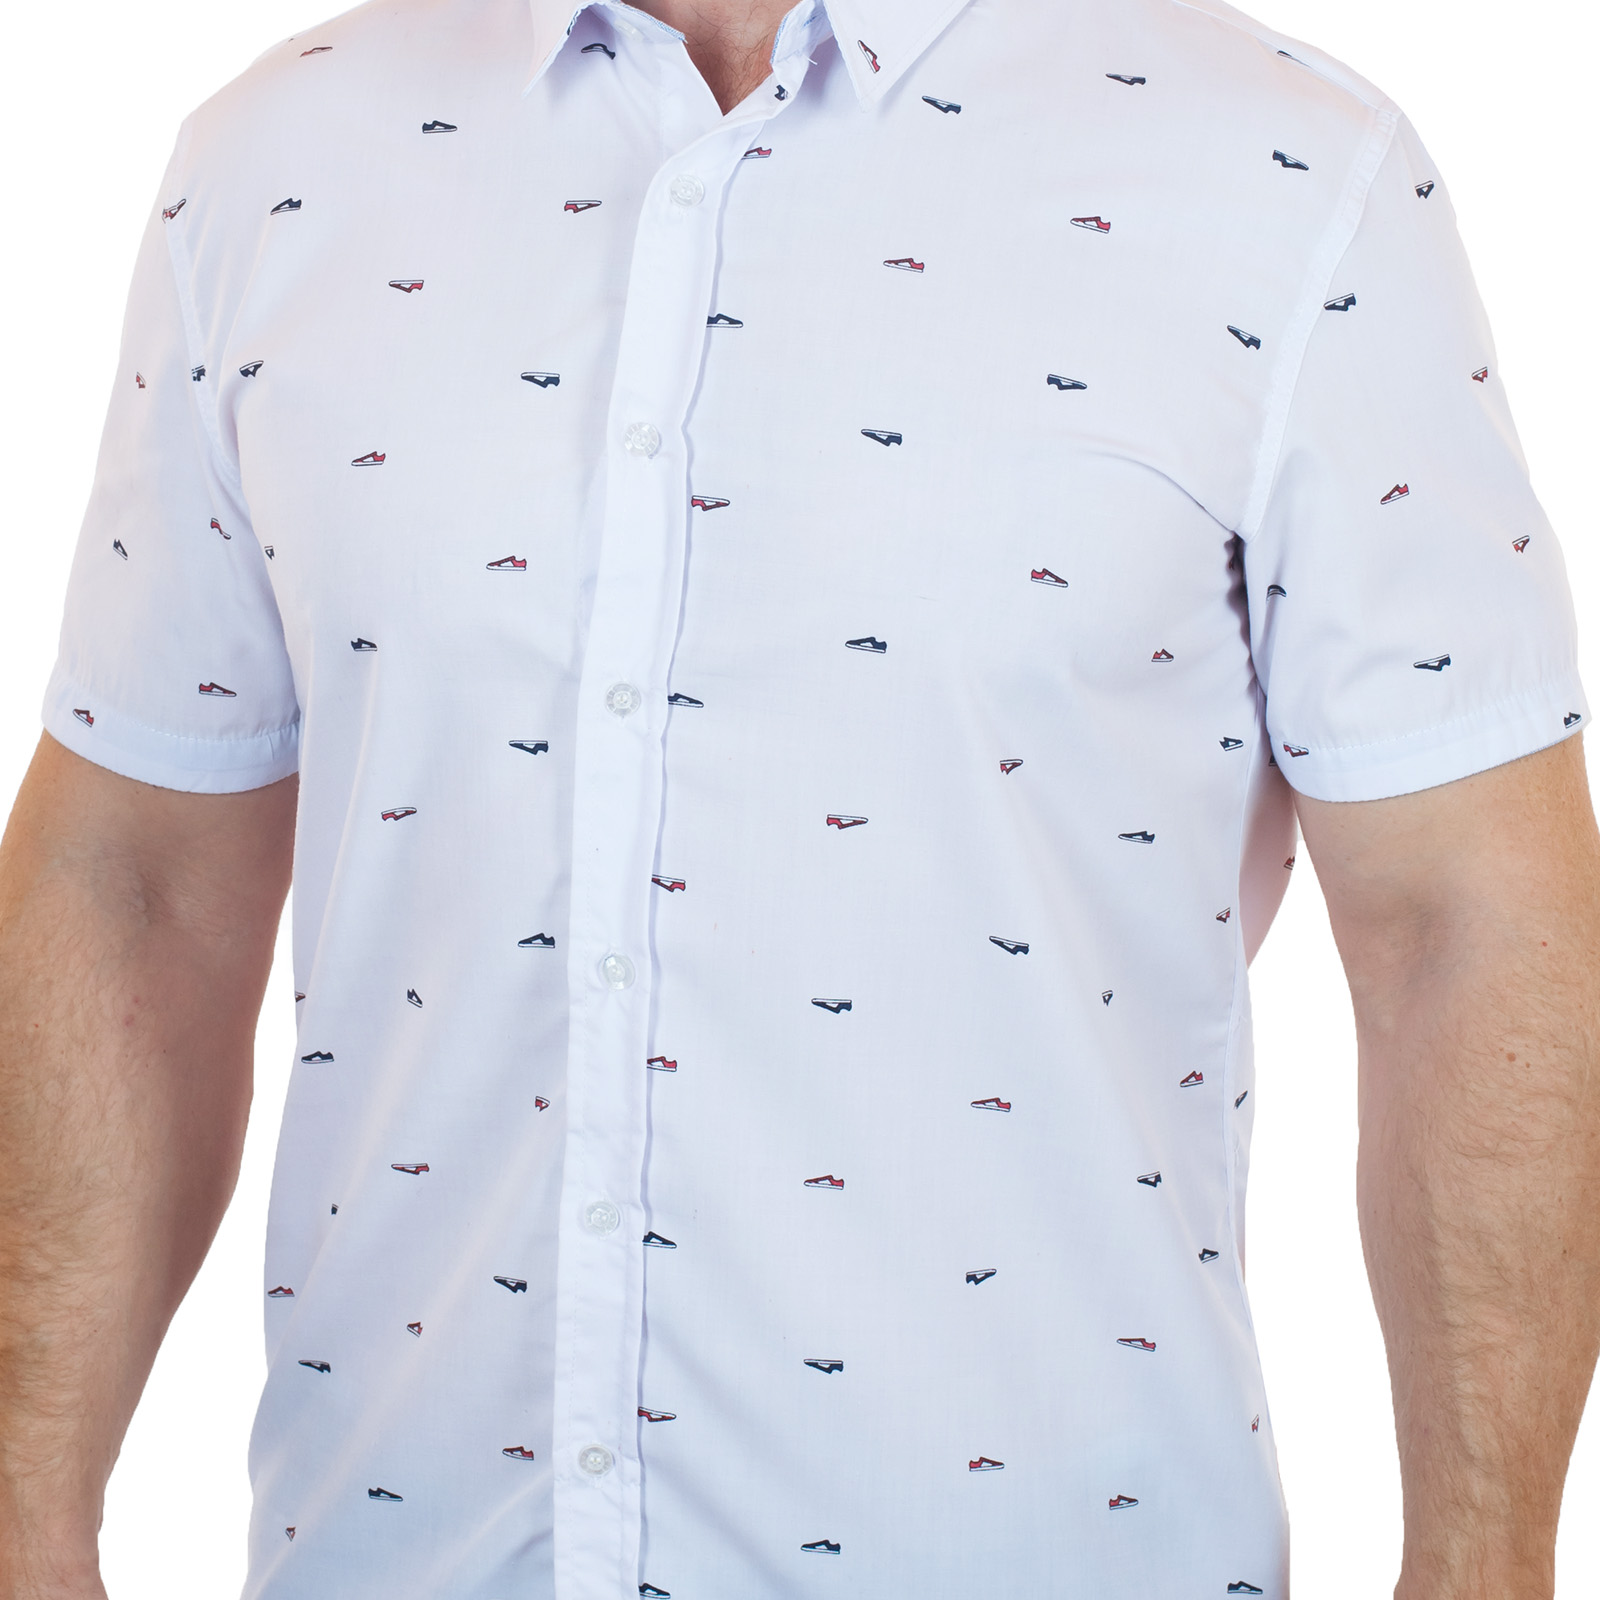 0728216d6ac Белая рубашка Exit для стильных мужчин